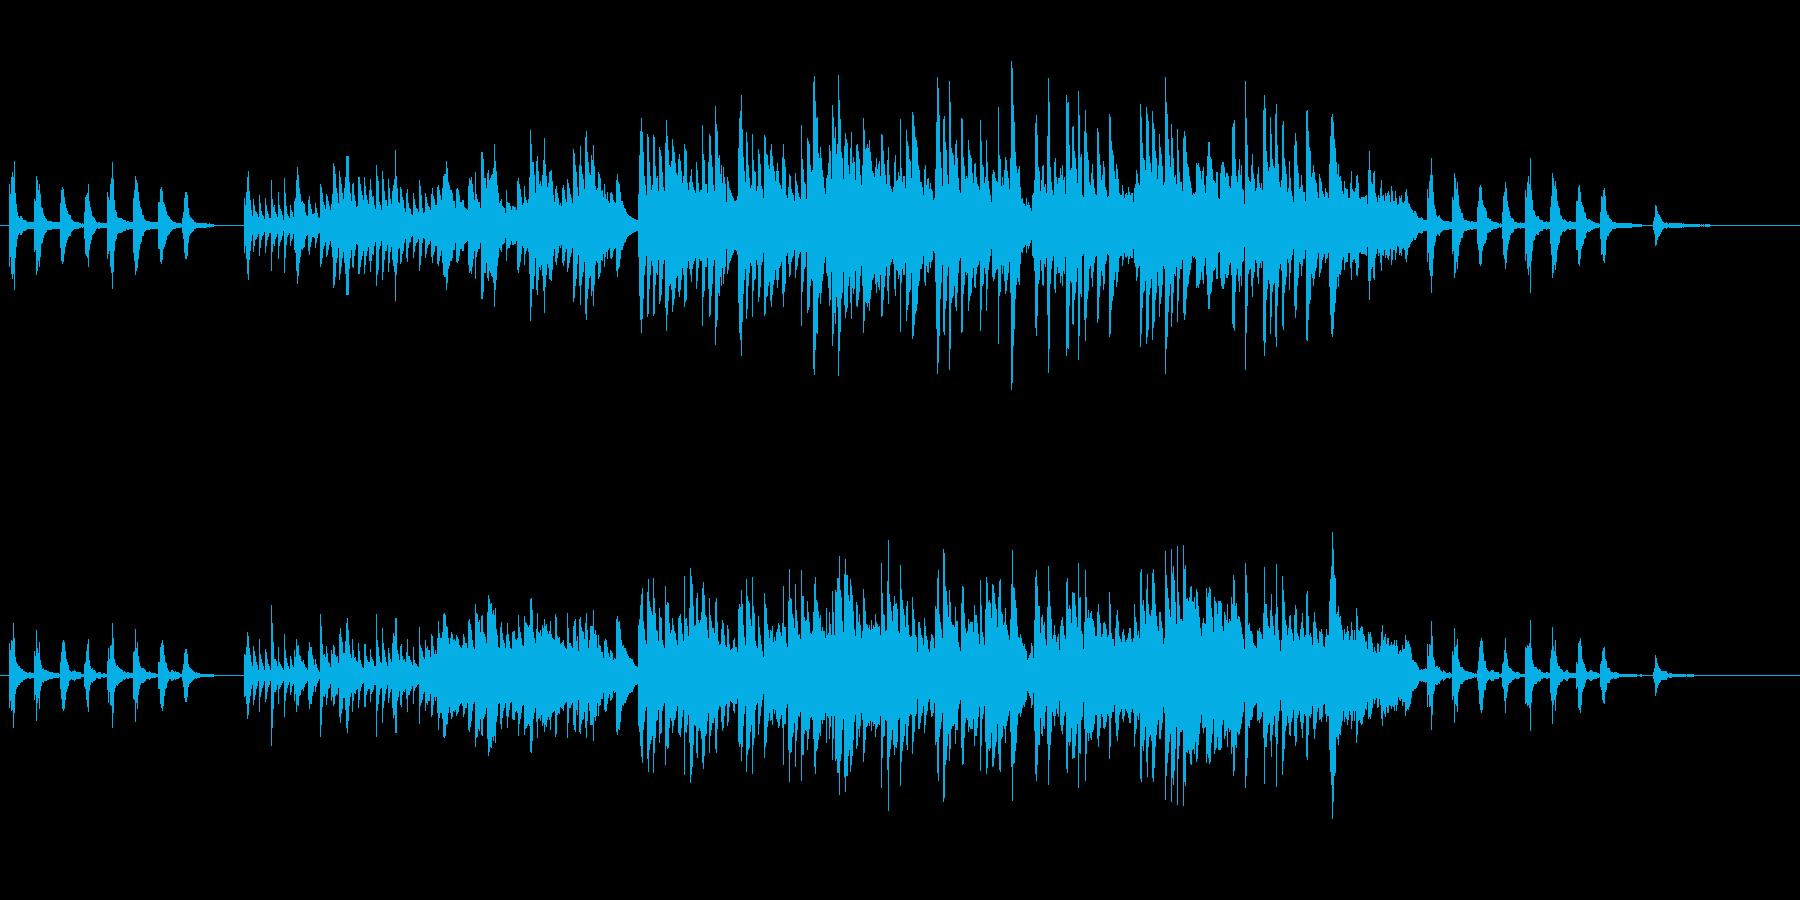 【ピアノ】映像系に合いそうな切ないピアノの再生済みの波形